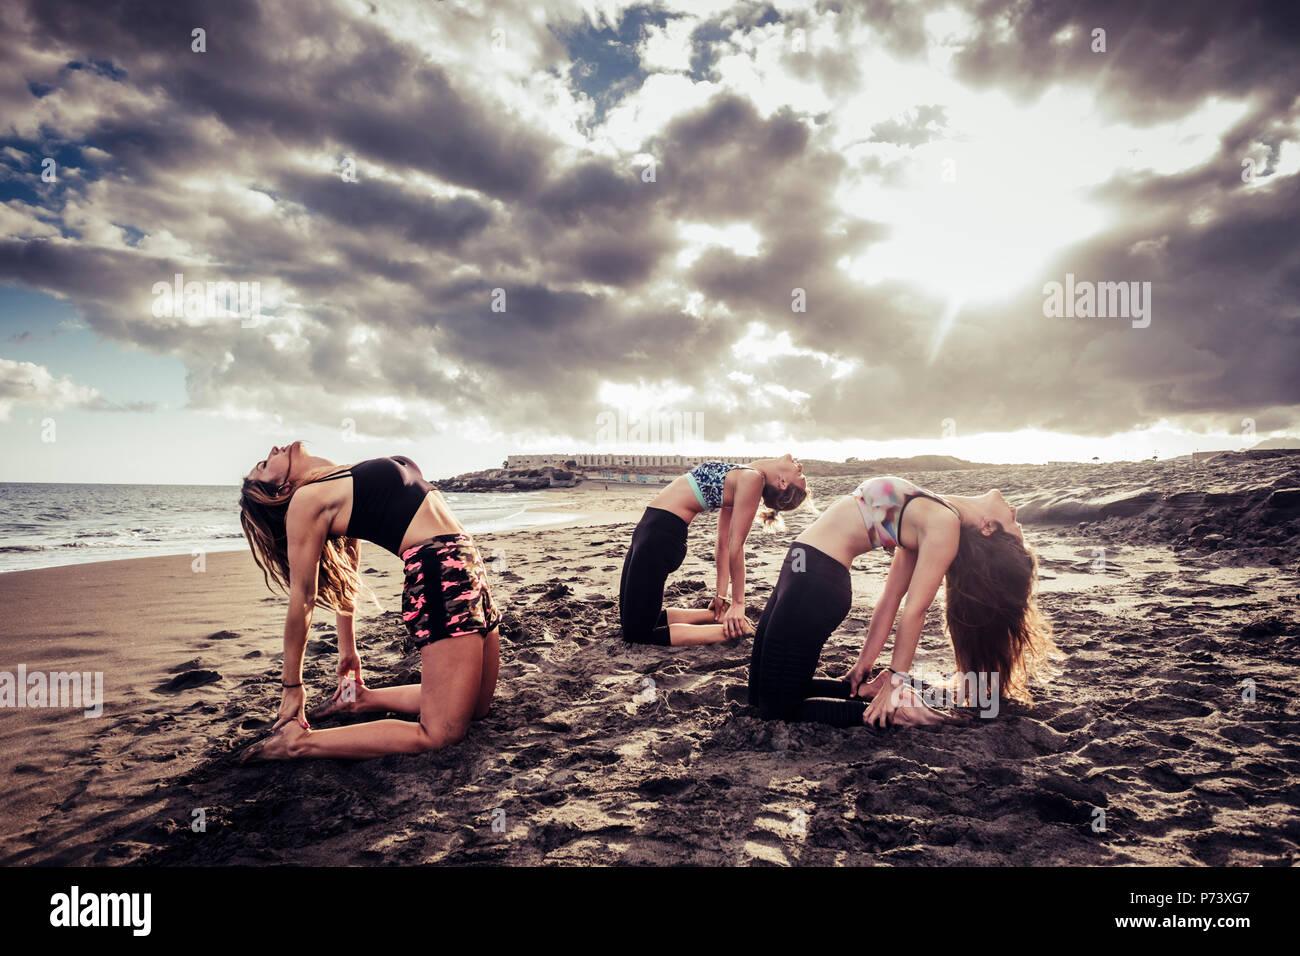 Scenic mit drei junge schöne Modelle Damen Yoga und Pilates Workout am Strand in den Sand. Wolken und Sonnenlicht während erstaunliche Su Stockbild